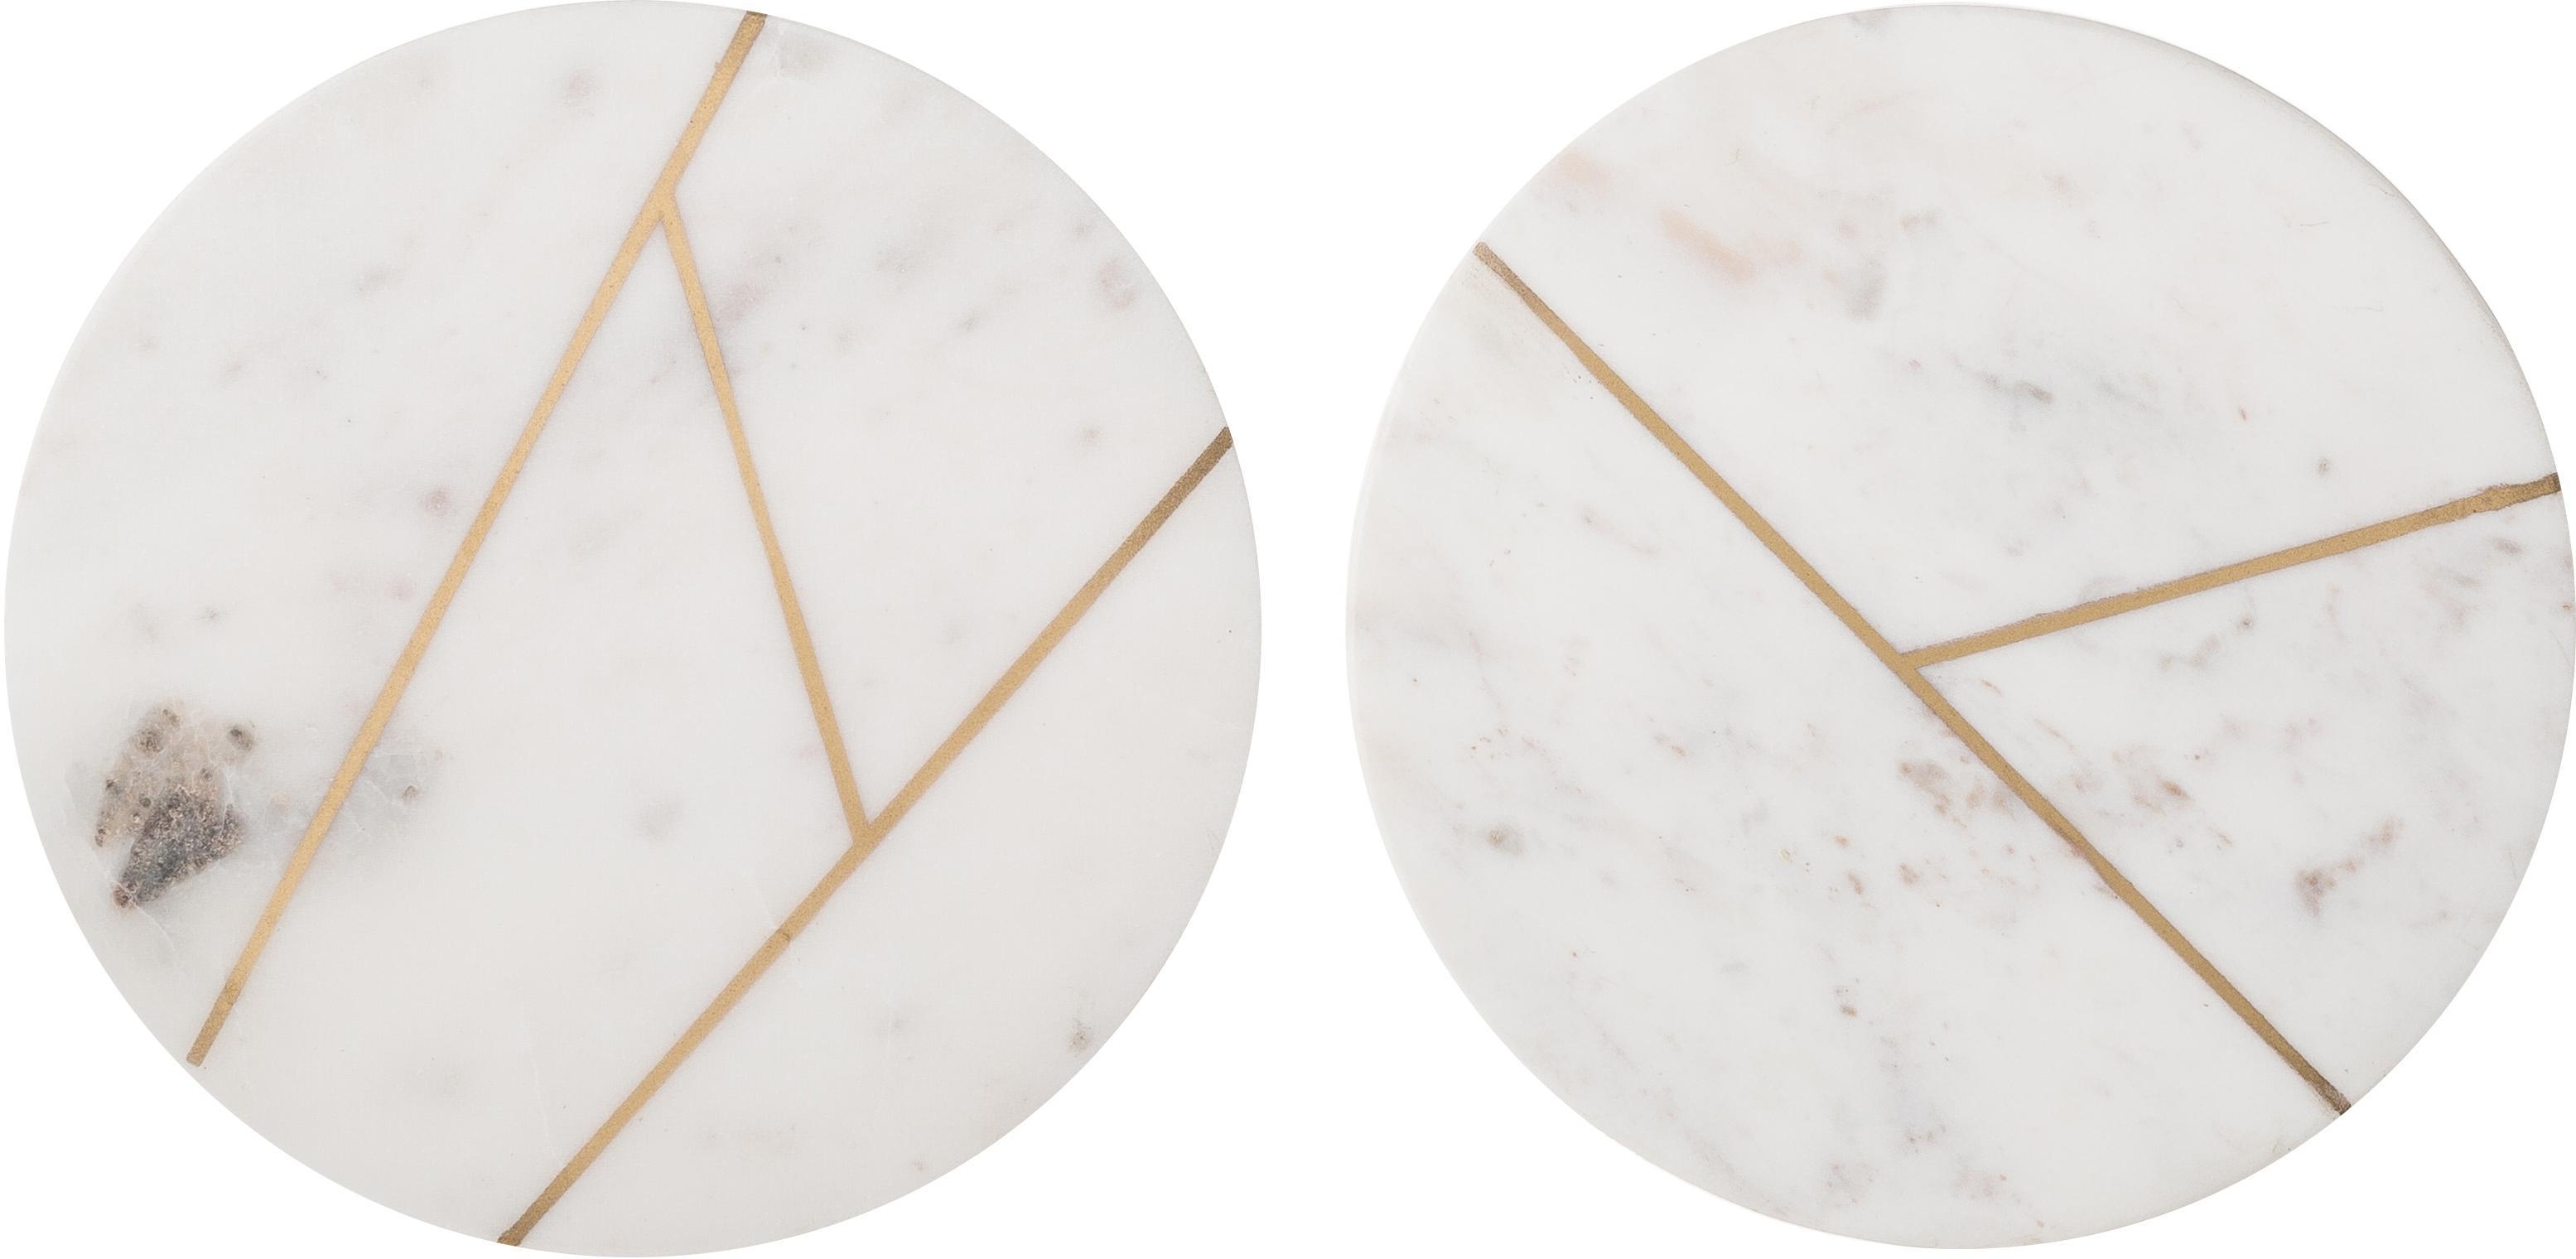 Komplet płyt z marmuru Marble, 2elem., 100% marmur, Biały, marmurowy, złoty, Ø 18 cm